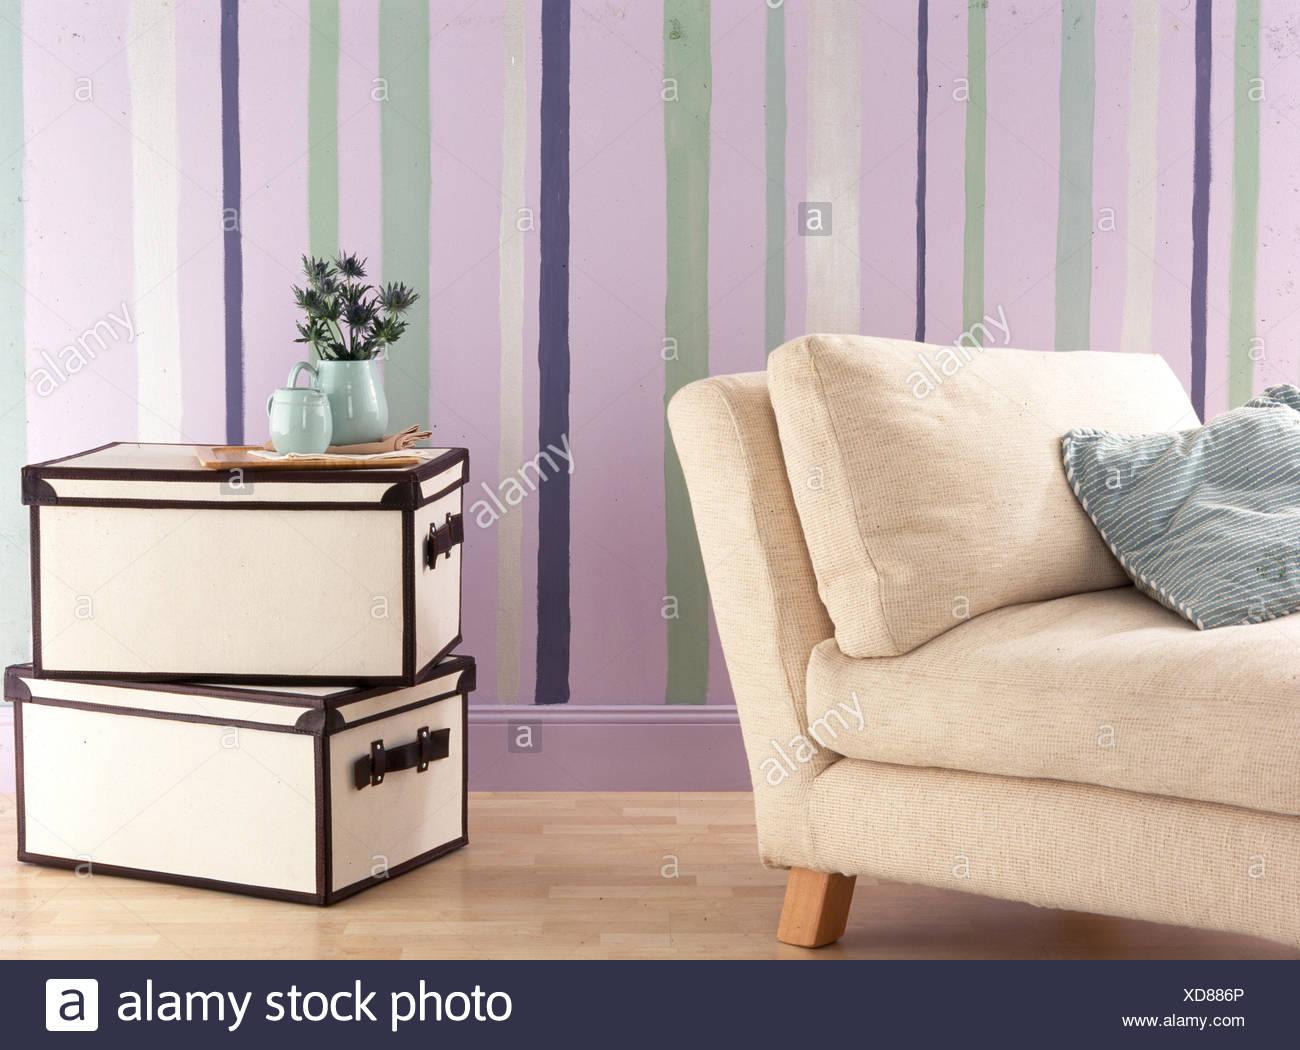 Streifen Bemalte Wand Wohnzimmer Mit Speicherkästen Und Cremefarbenen Sofa